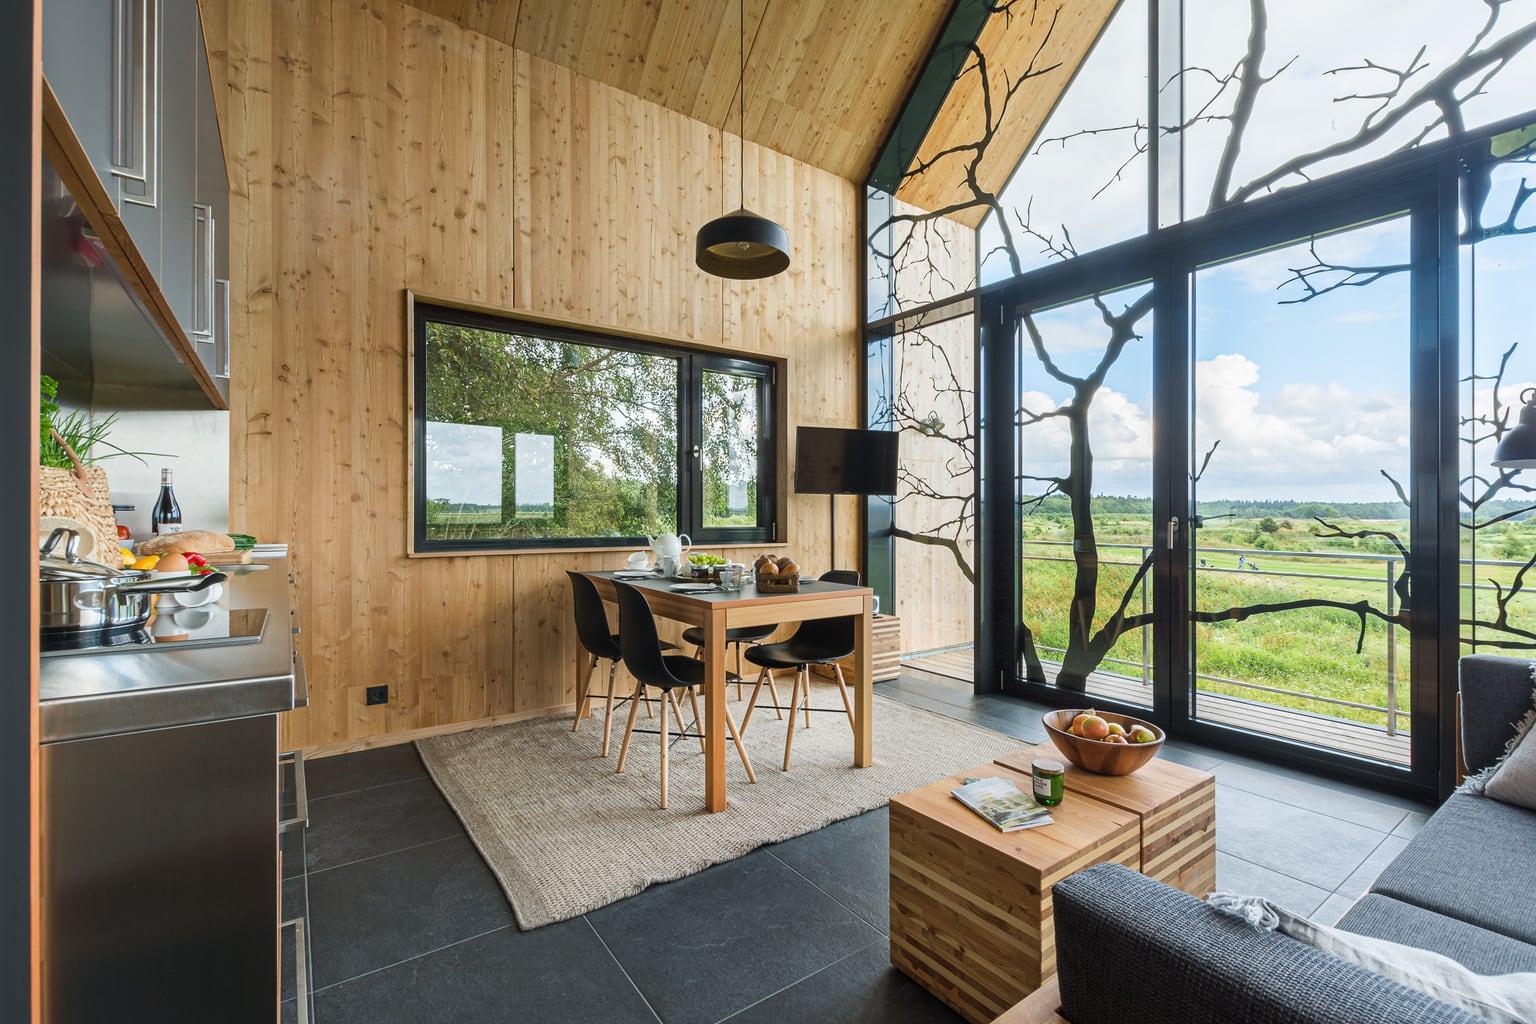 Uitzicht vanuit een boomhuis in een van de hippe designhotels in Duitsland